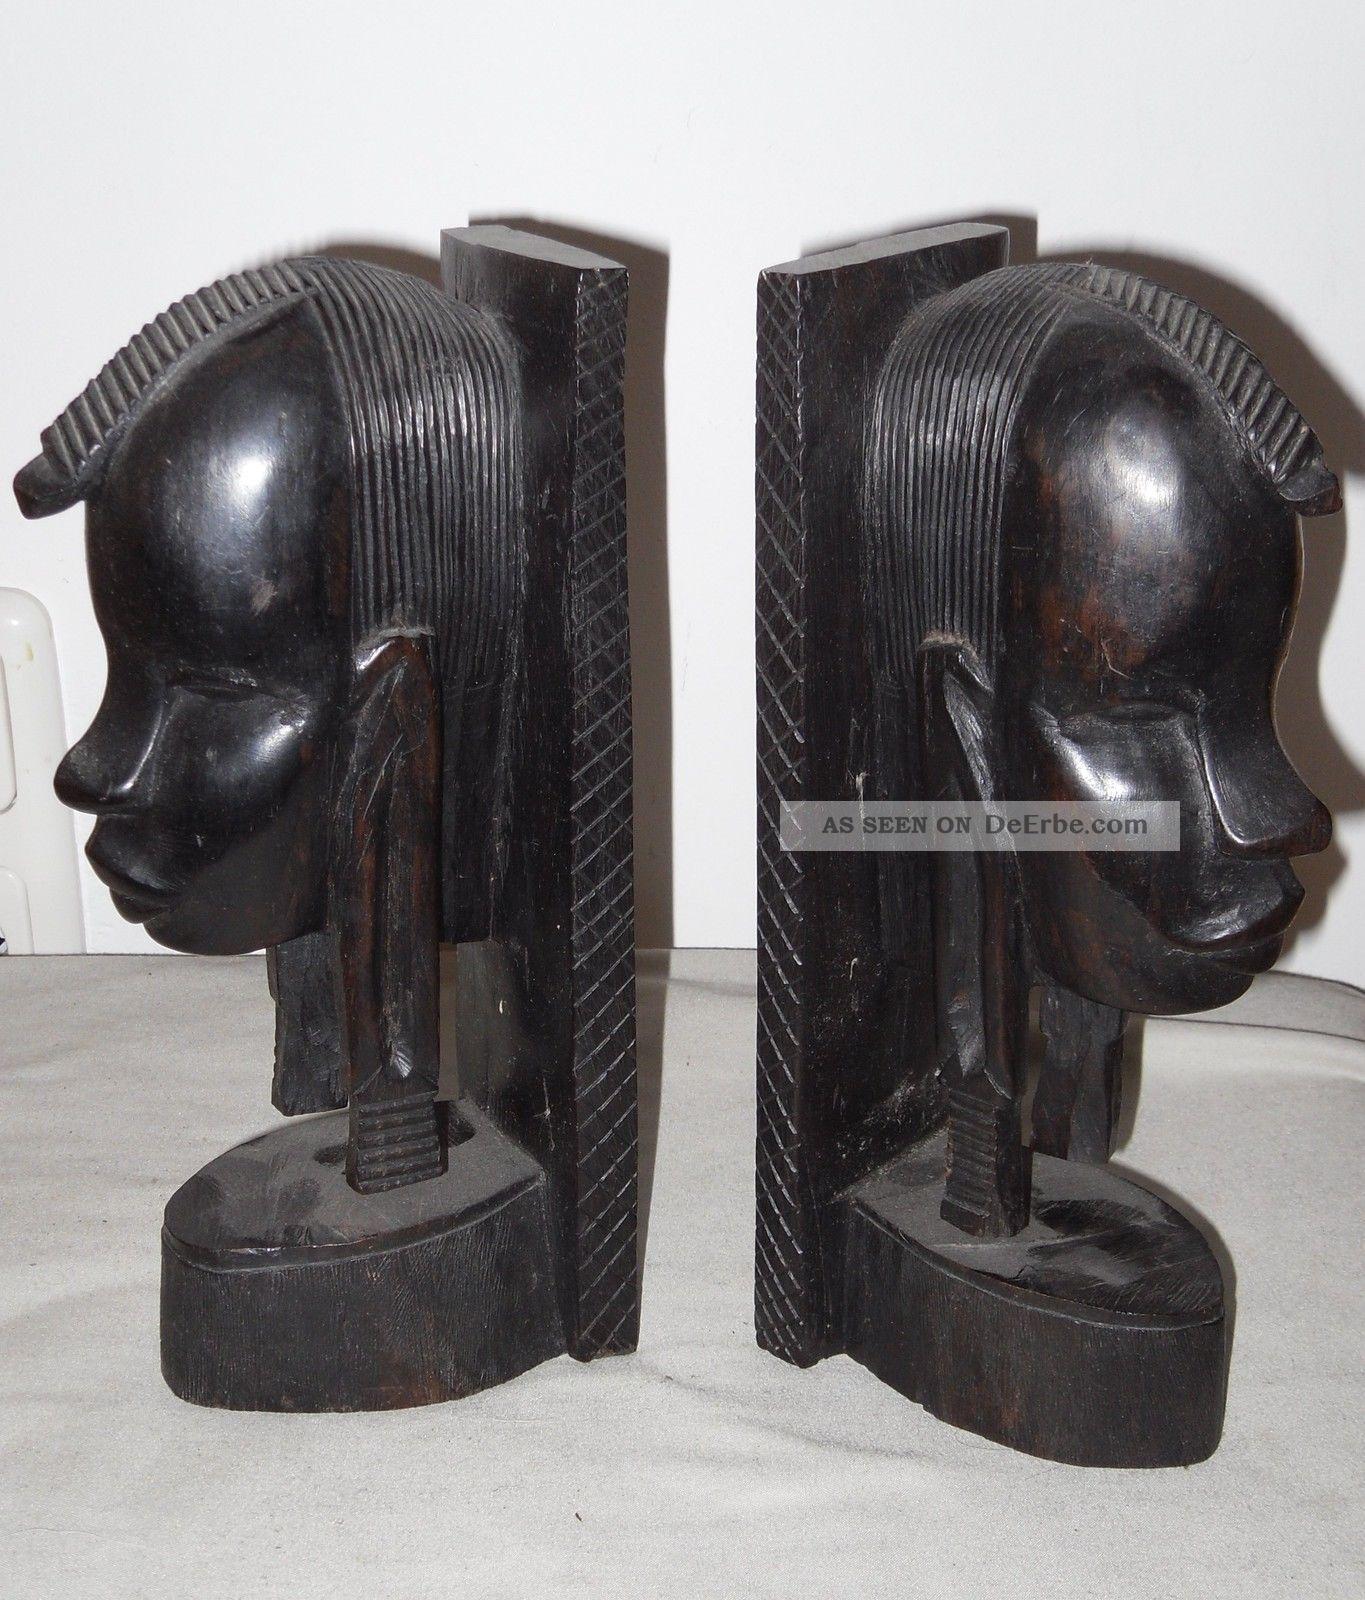 2 Buchstützen,  Afrikanische Volkskunst,  Hartholz,  Schwarz,  24x7x10 Cm Holzarbeiten Bild